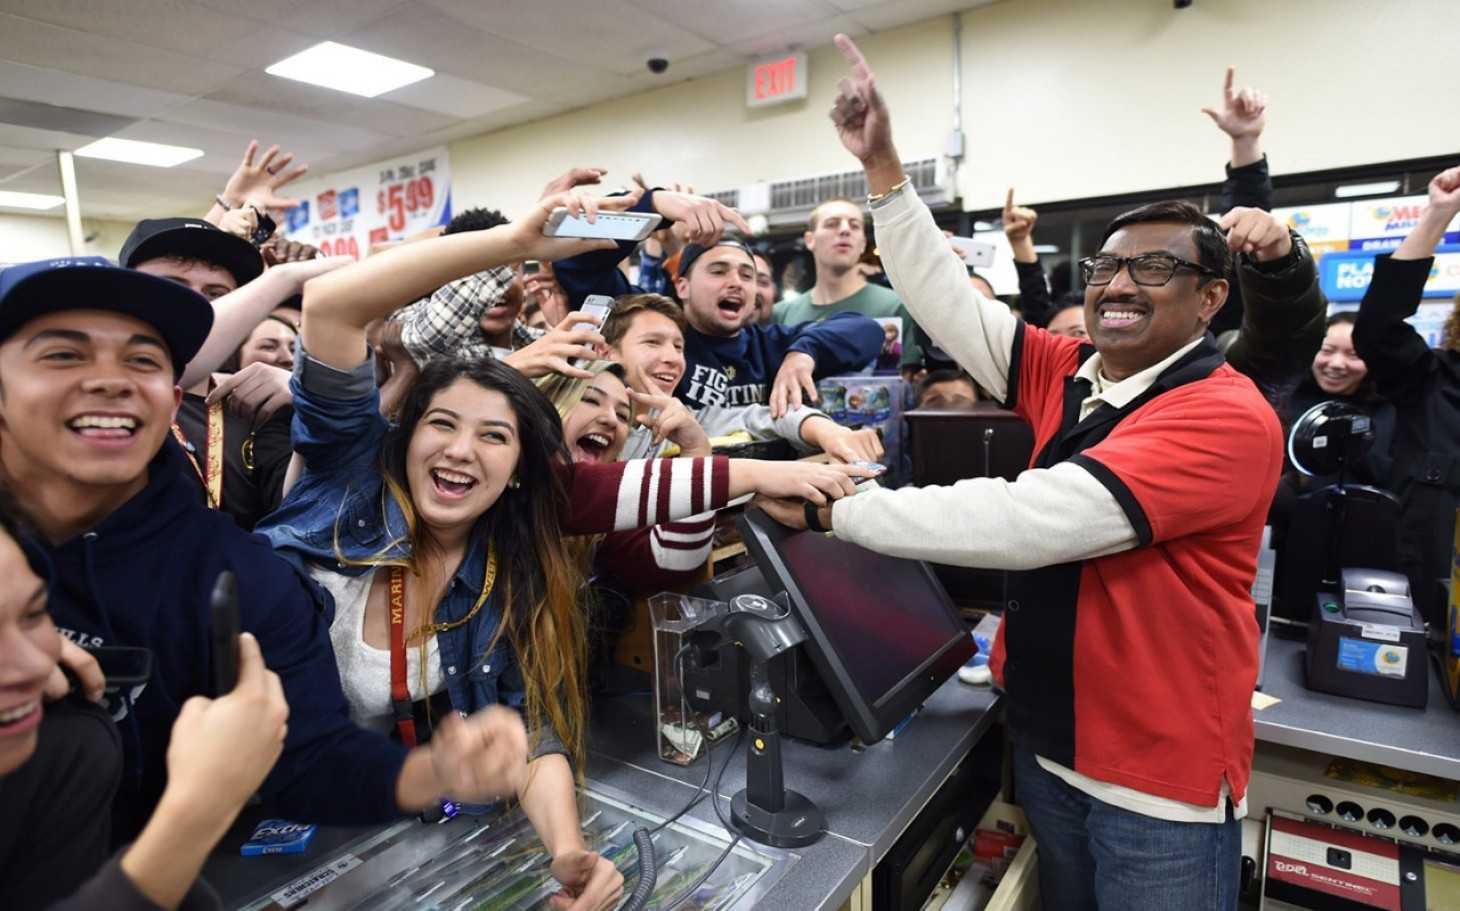 Лотерея lotto america — правила игры: как принять участие из россии | лотереи мира